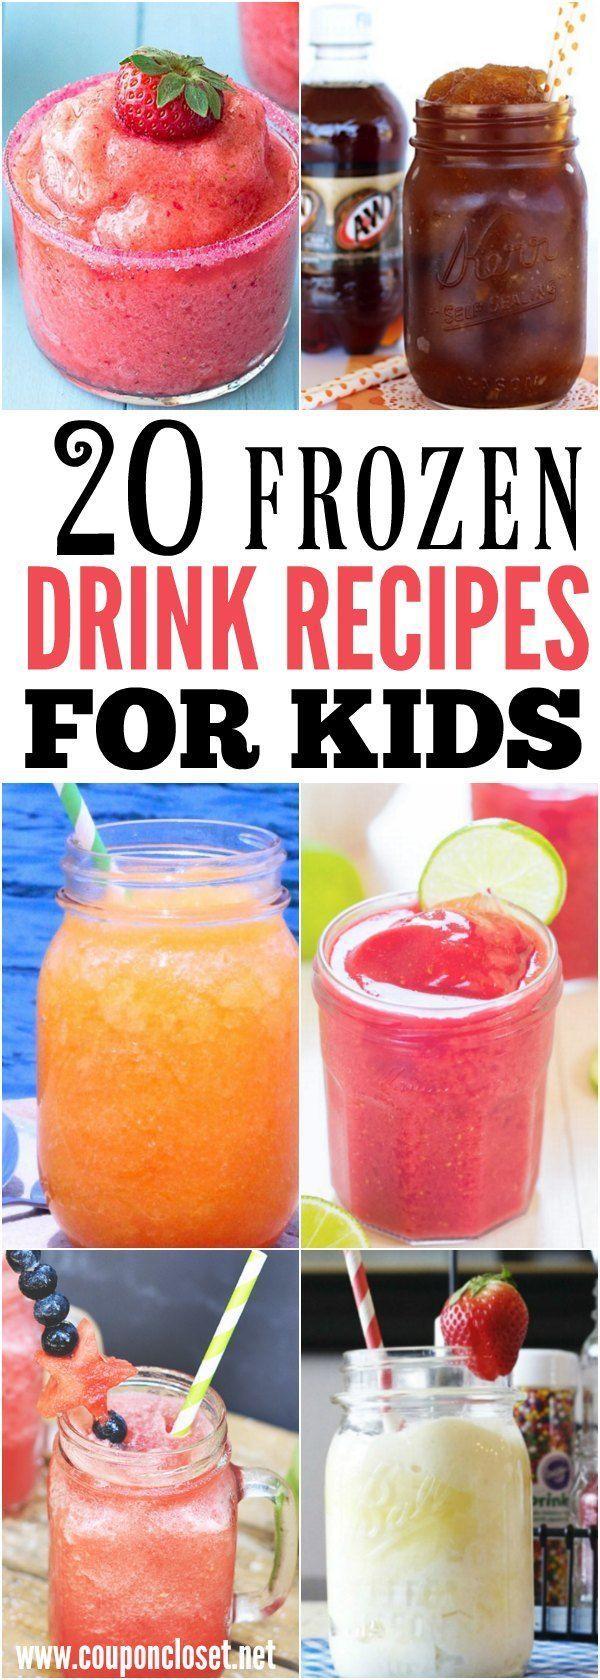 Kinderfreundliche Frozen Drink-Rezepte - 20 Rezepte zum Abkühlen in diesem Sommer #nonalcoholicsummerdrinks